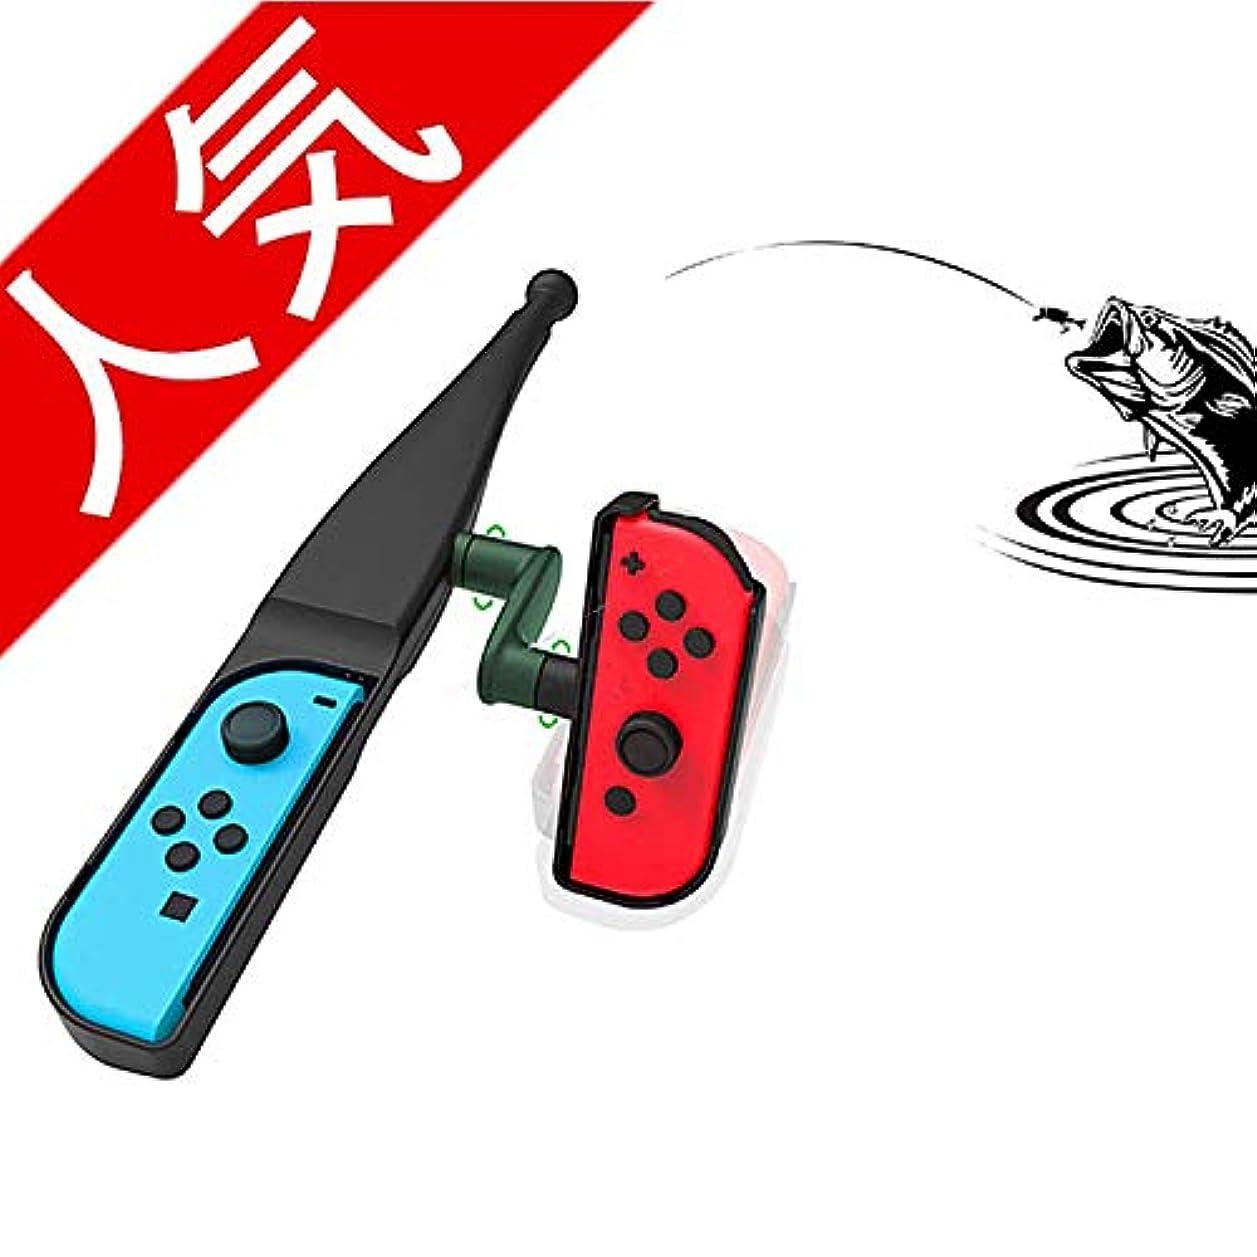 悪性の主導権起こる釣りスピリッツ用 釣り竿 Nintendo Switch対応 体感コントロールソフト スイッチ 釣竿 釣りロッド つり竿 釣りスタ